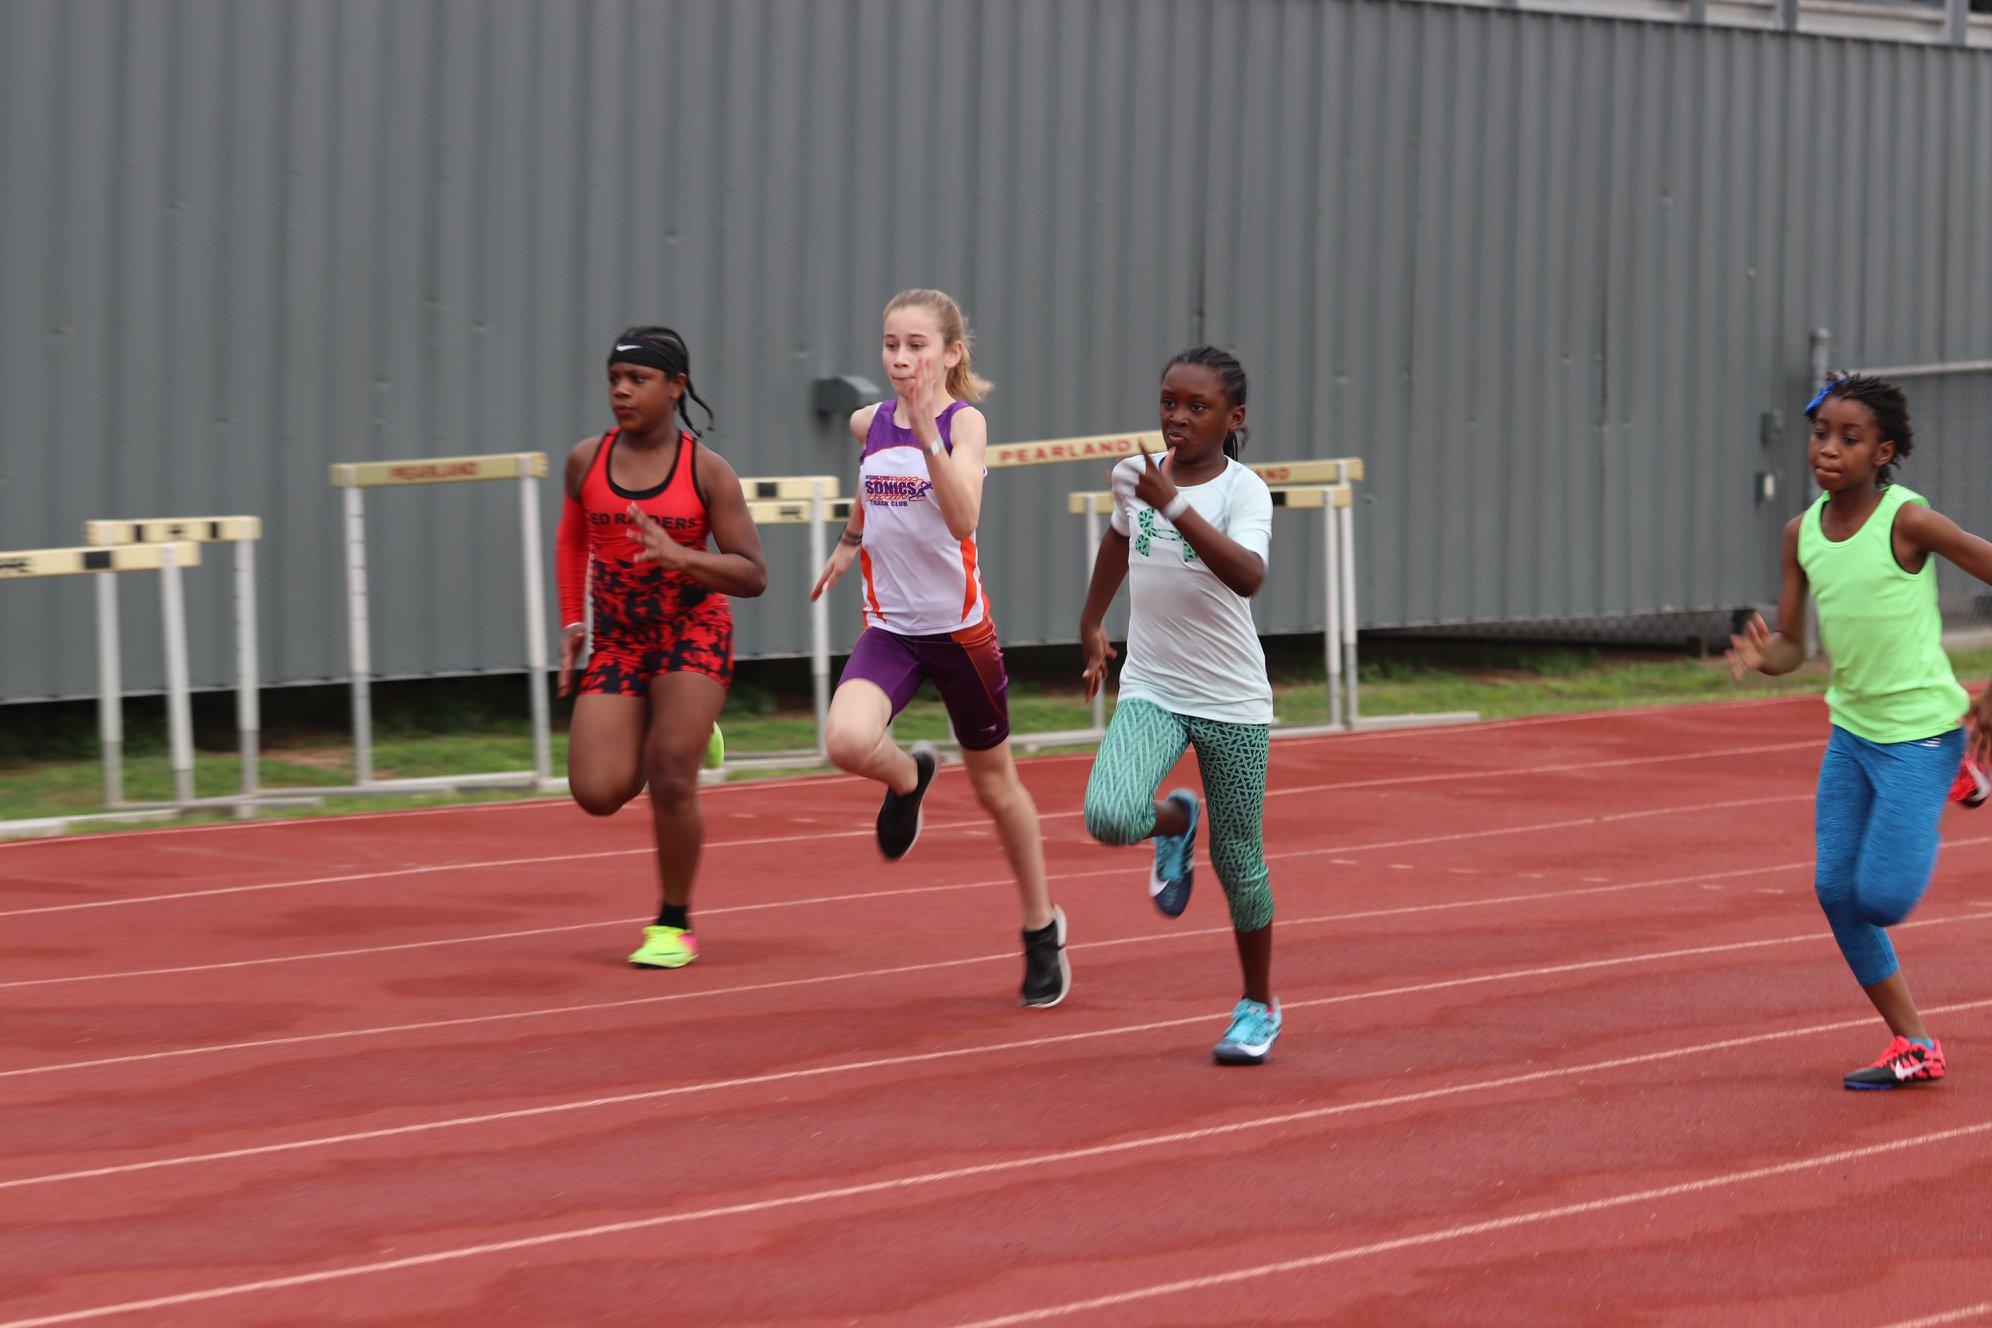 Jill running the 100